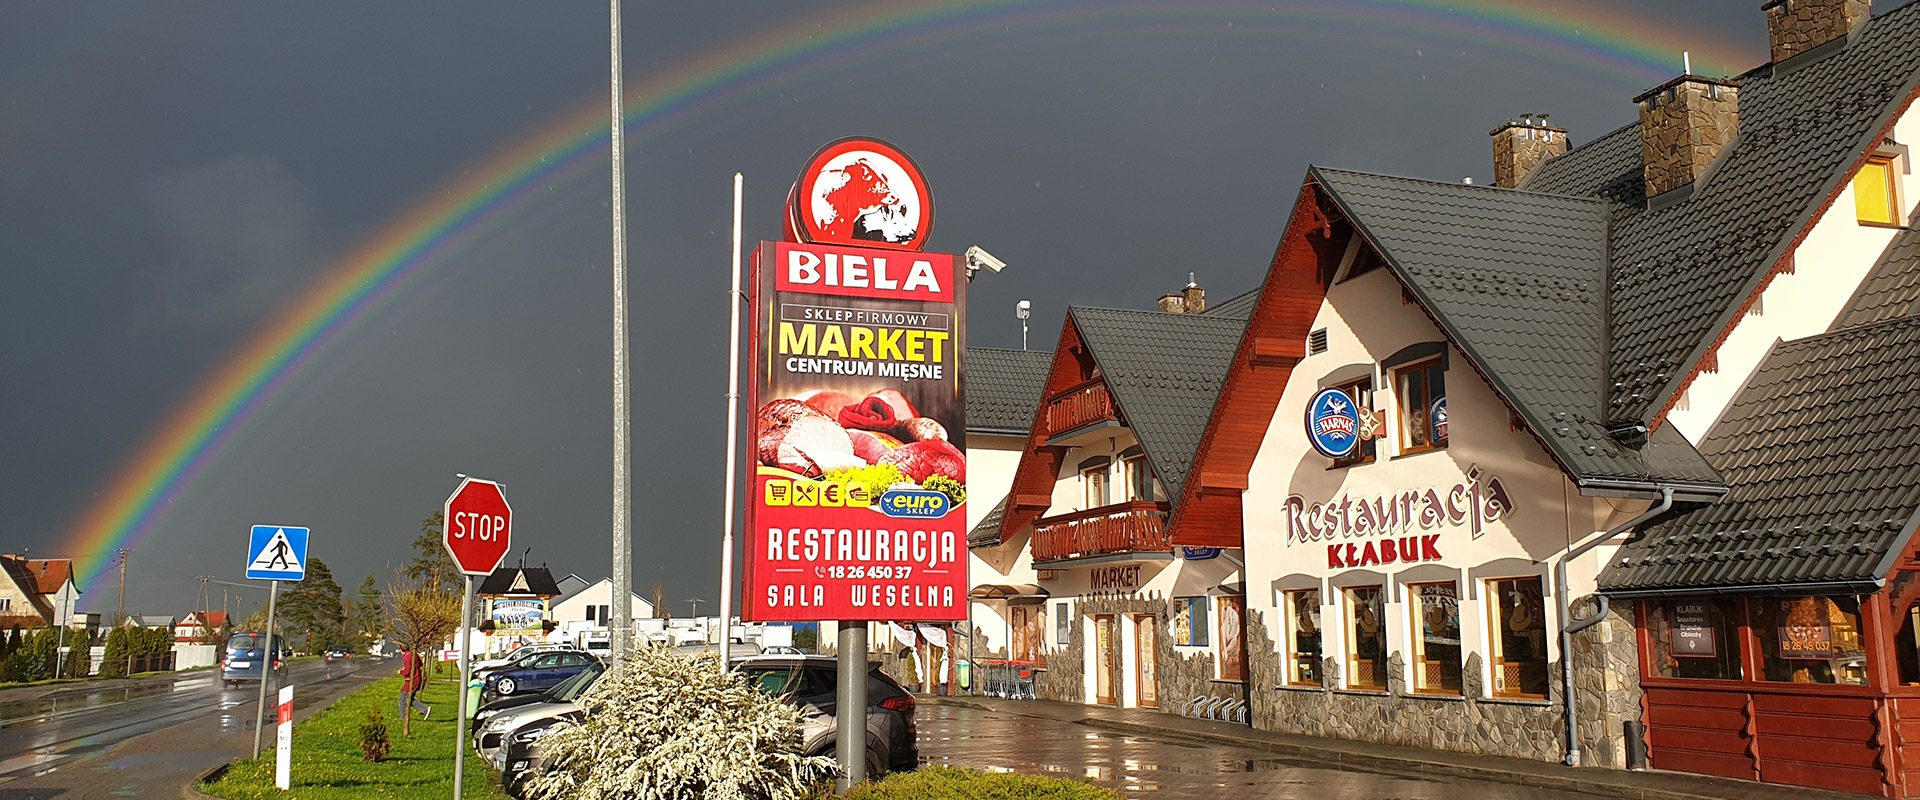 market-biela-główne-zdjęcie